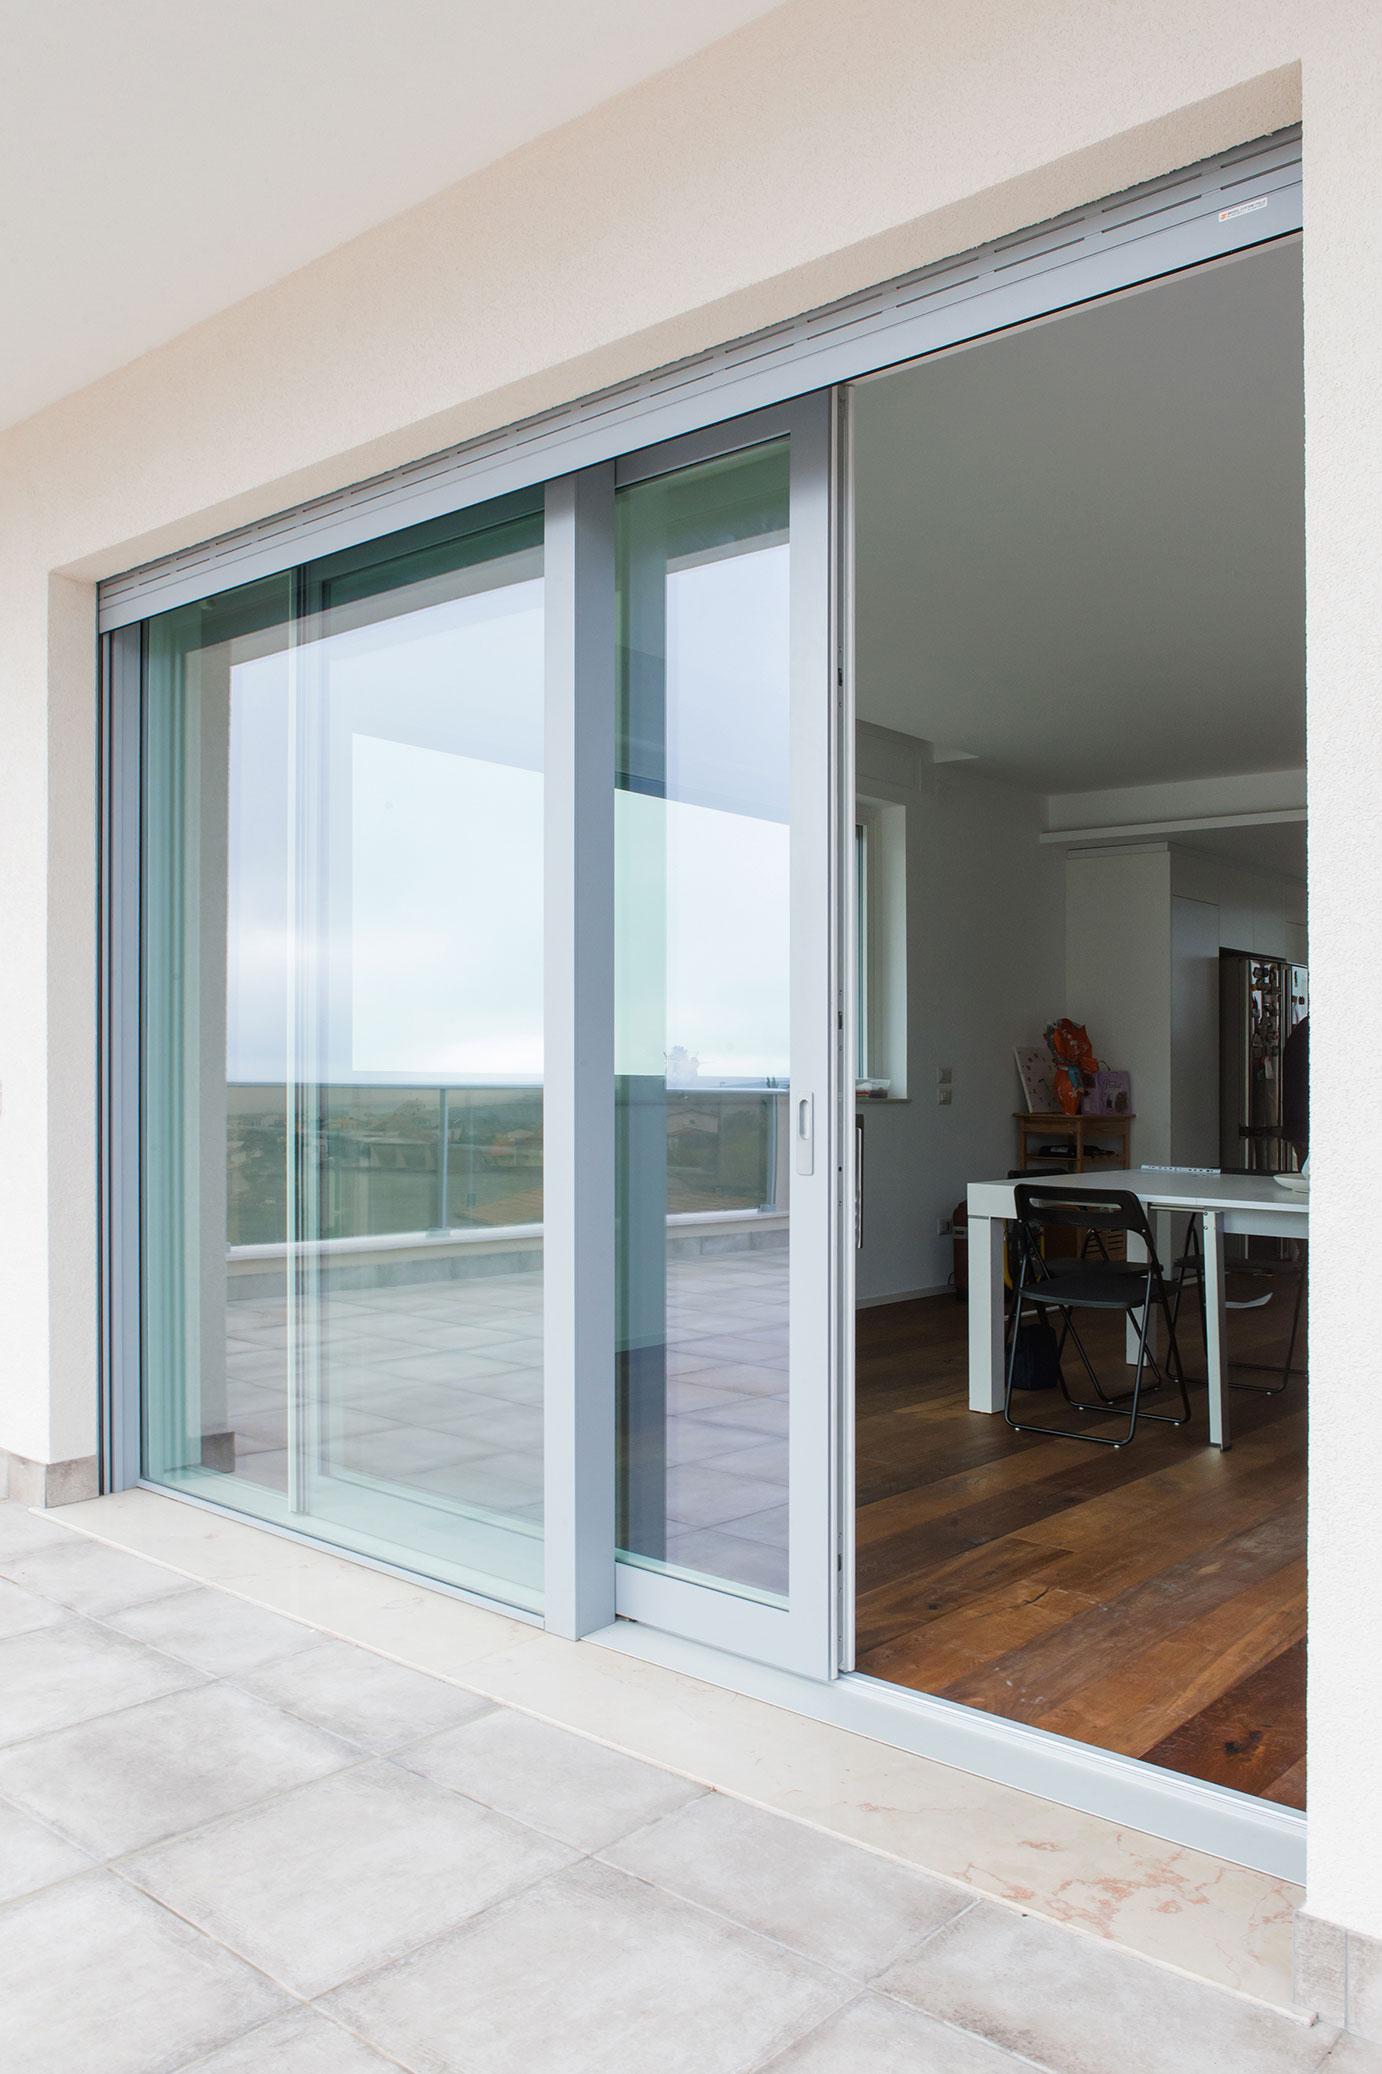 portfolio-8-colacicco-legno-porte-interni-esterni-infissi-legno-alluminio-pvc-parquet-pavimenti-scale-schermature-avvolgibili-matera-basilicata